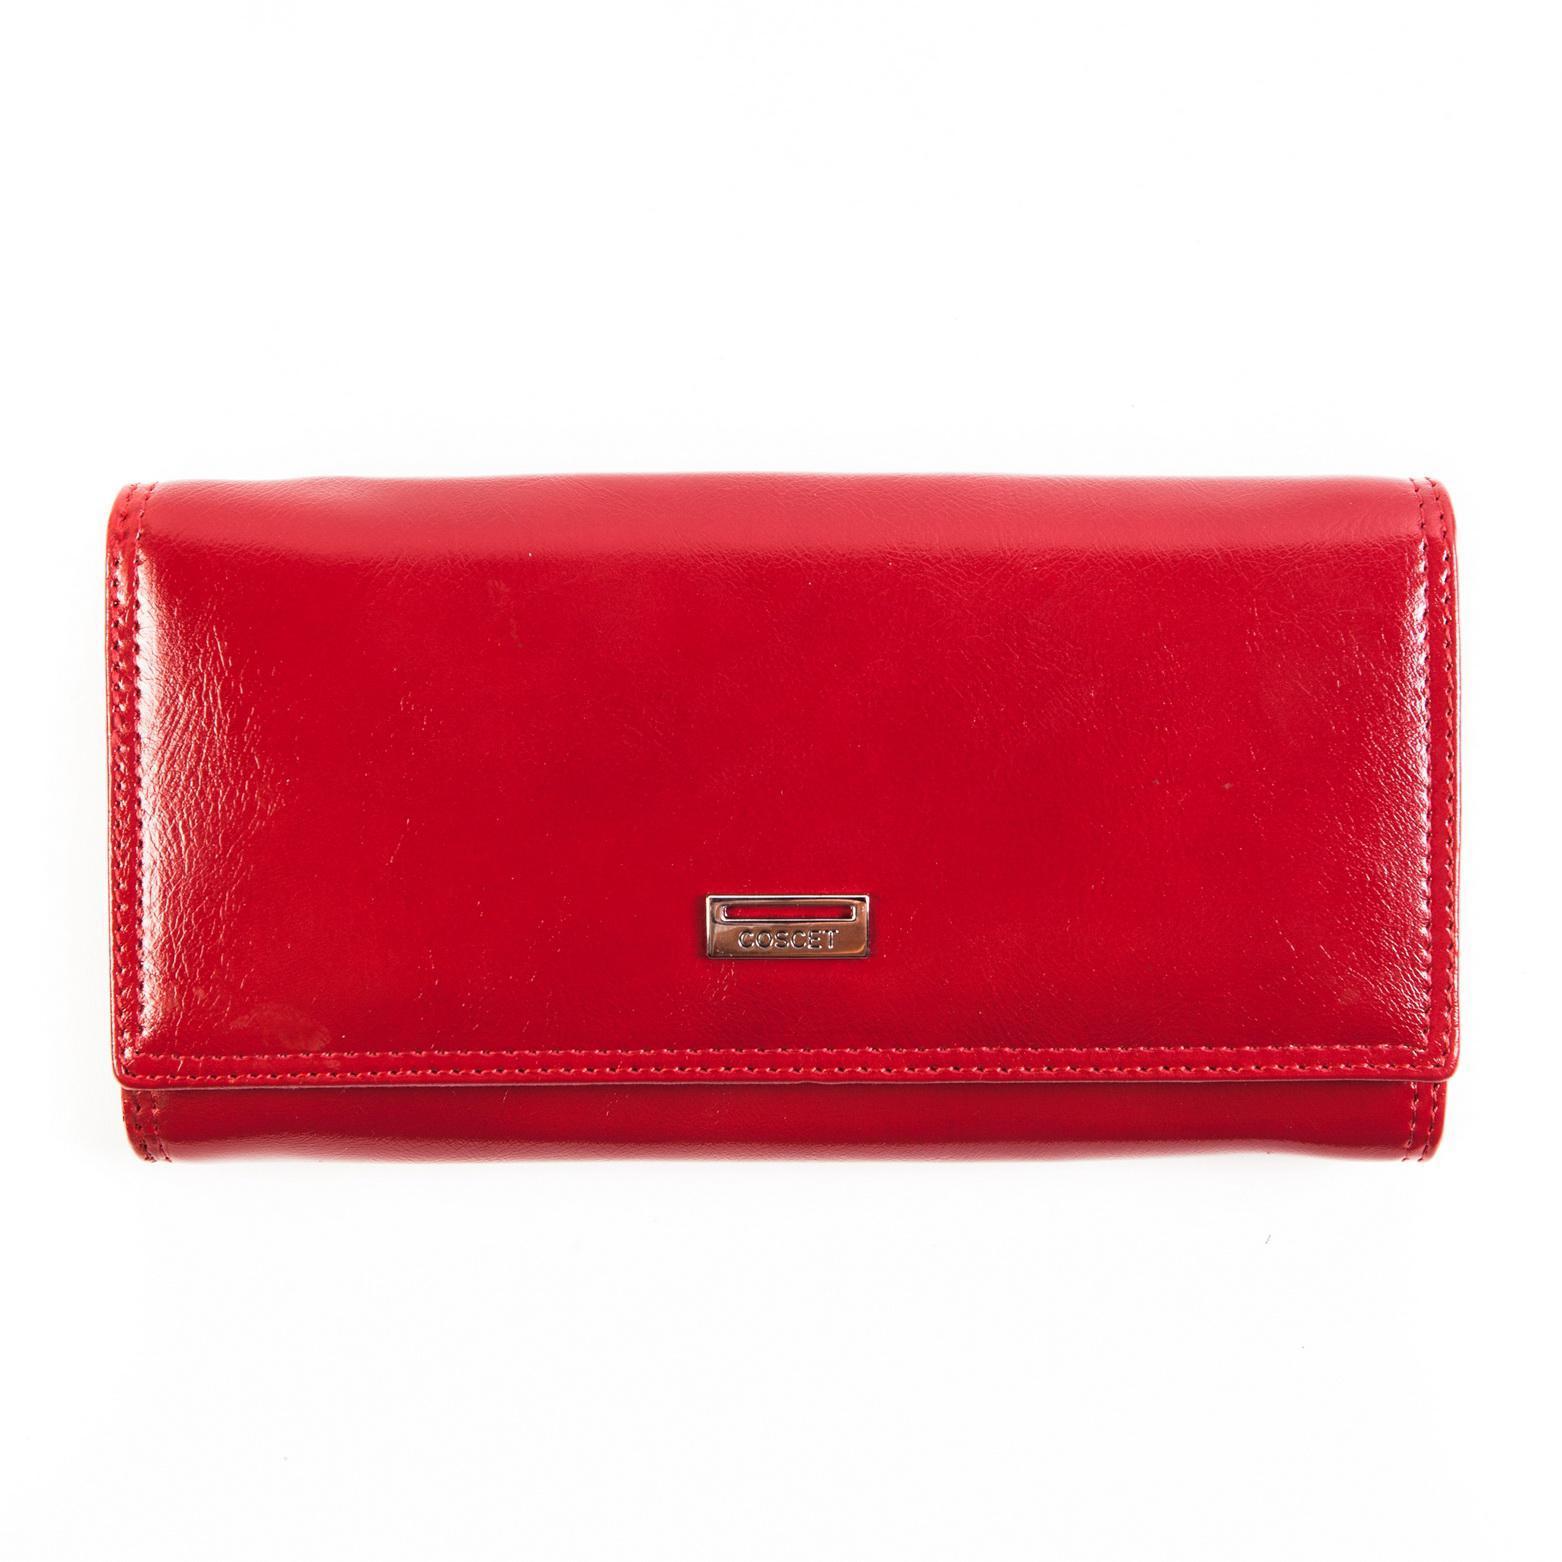 Стильный красный женский кошелёк из из искусственной кожи с 3 большими отделениями, двойным отделением в монетнице, 2 потайными карманами, окошком для пропуска и 8 кармашками для пластиковых карт CS208-01В